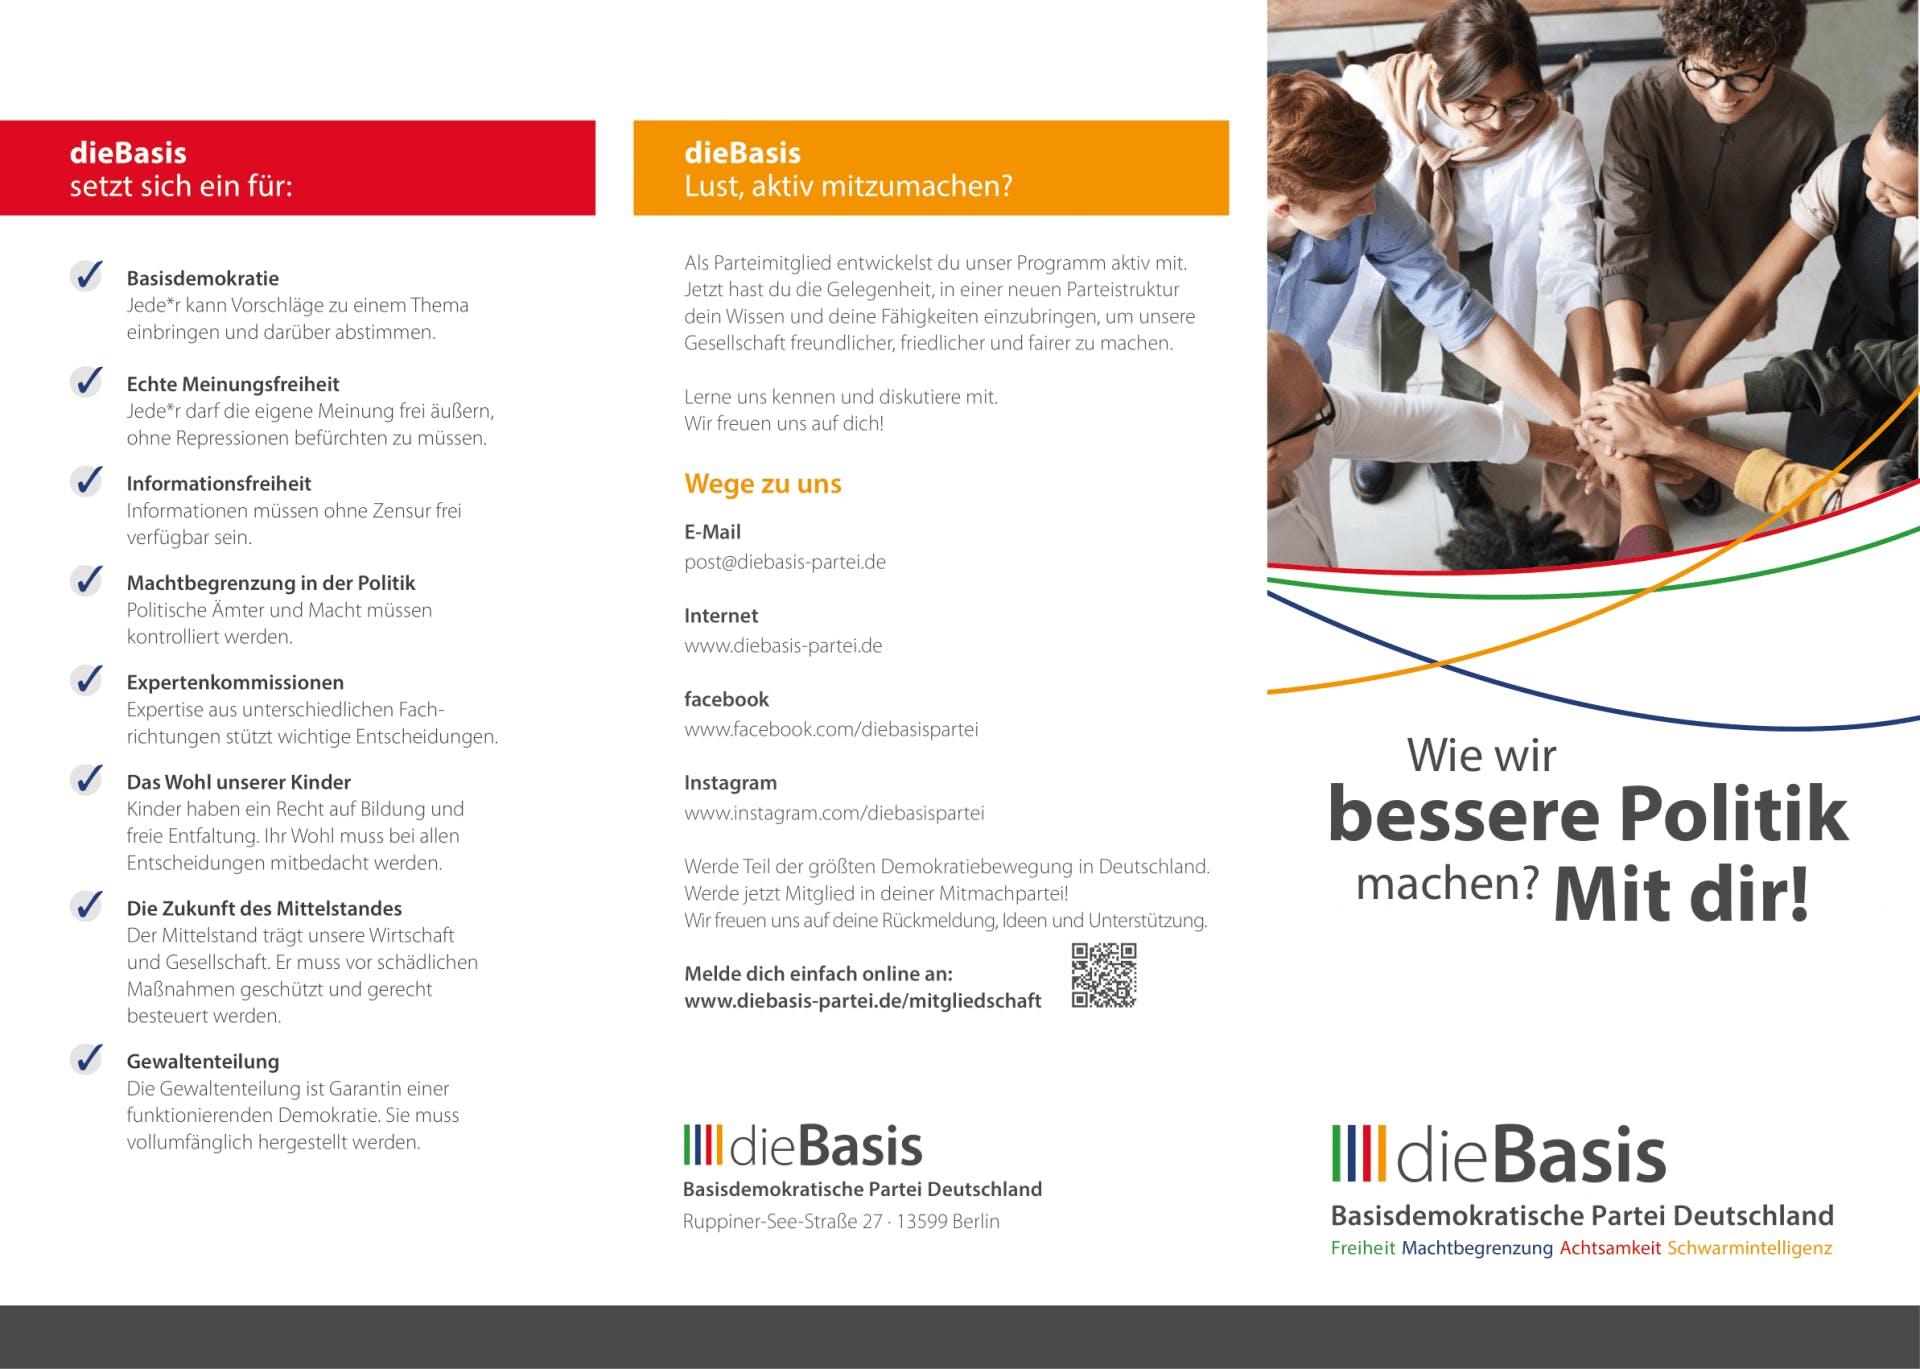 Flyer: Die Basis BUND- Wie wir bessere Politik machen? Mir Dir! (Gefalzt auf DIN lang, 6-seiter Wickelfalz)